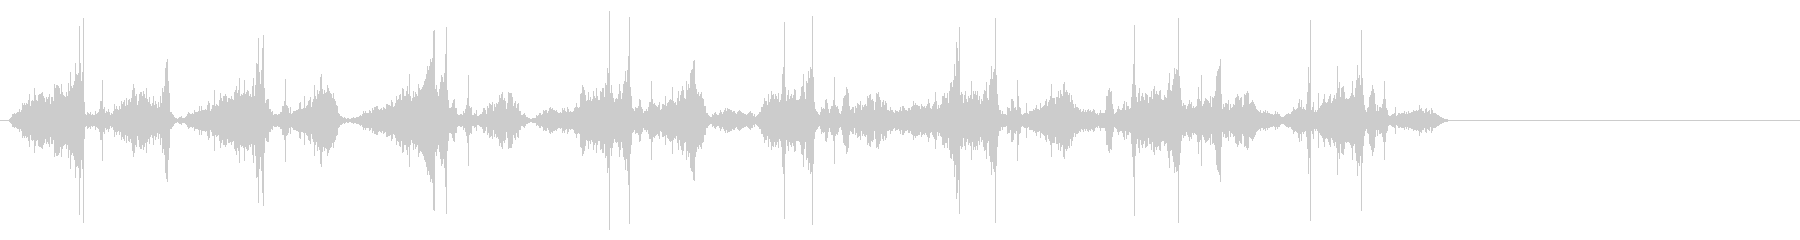 ハートビープマシン;左チャンネルの...の未再生の波形